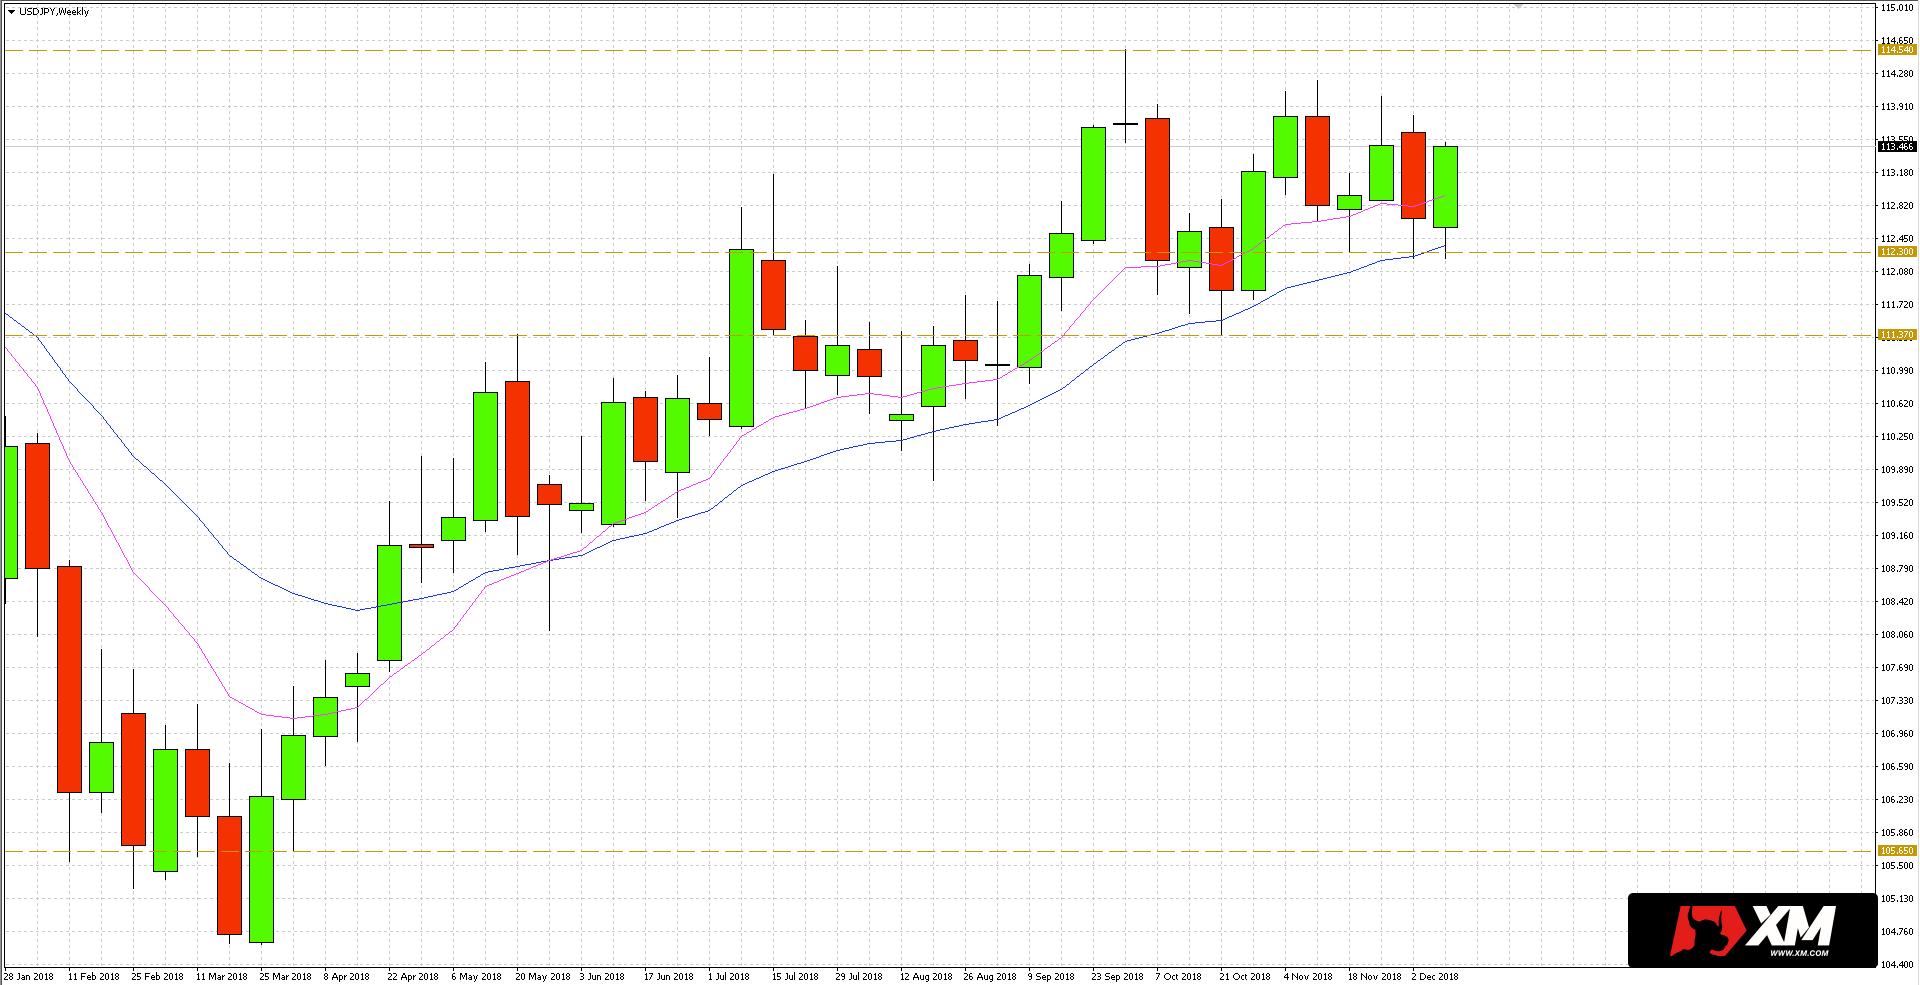 Na wykresie tygodniowym pary walutowej USD/JPY obserwujemy dynamiczny trend, gdzie kurs dolara umacnia się w stosunku do jena